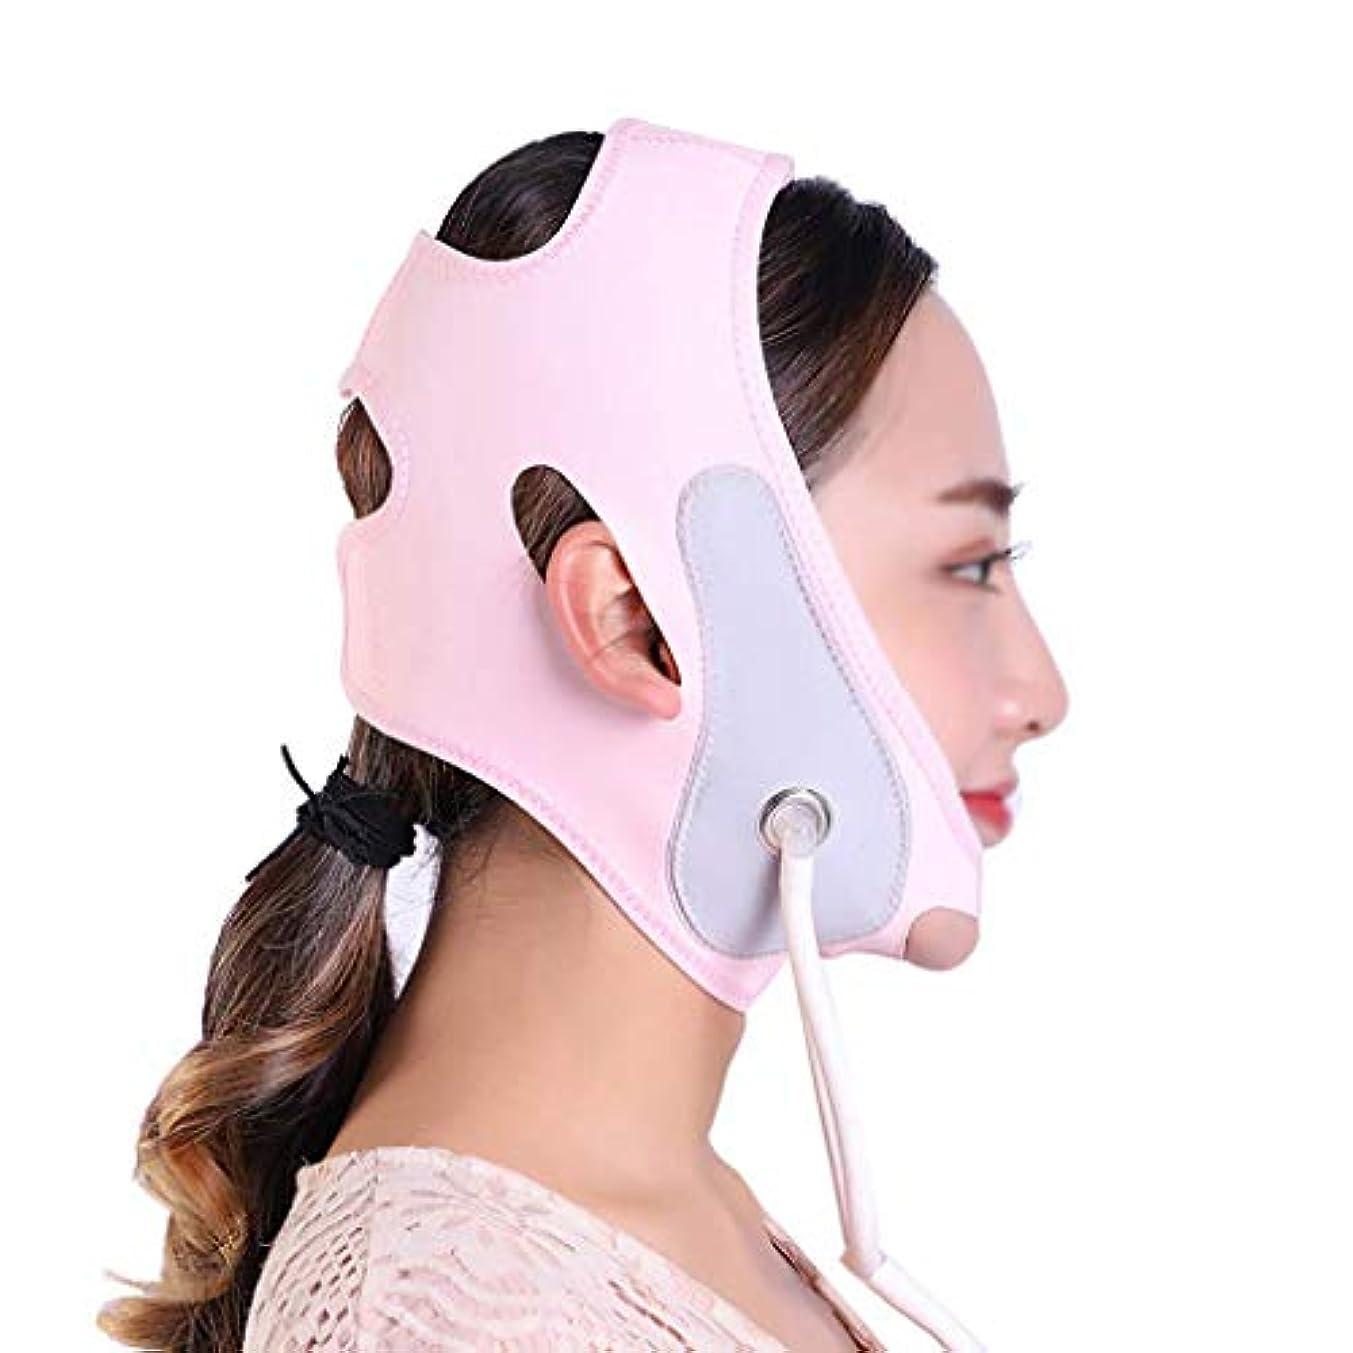 中止します通り抜ける見る顔と首のリフト後伸縮性スリーブシンフェイスマスク引き締め肌の改善マッサージリフティング収縮シンフェイス弾性包帯Vフェイスアーティファクト